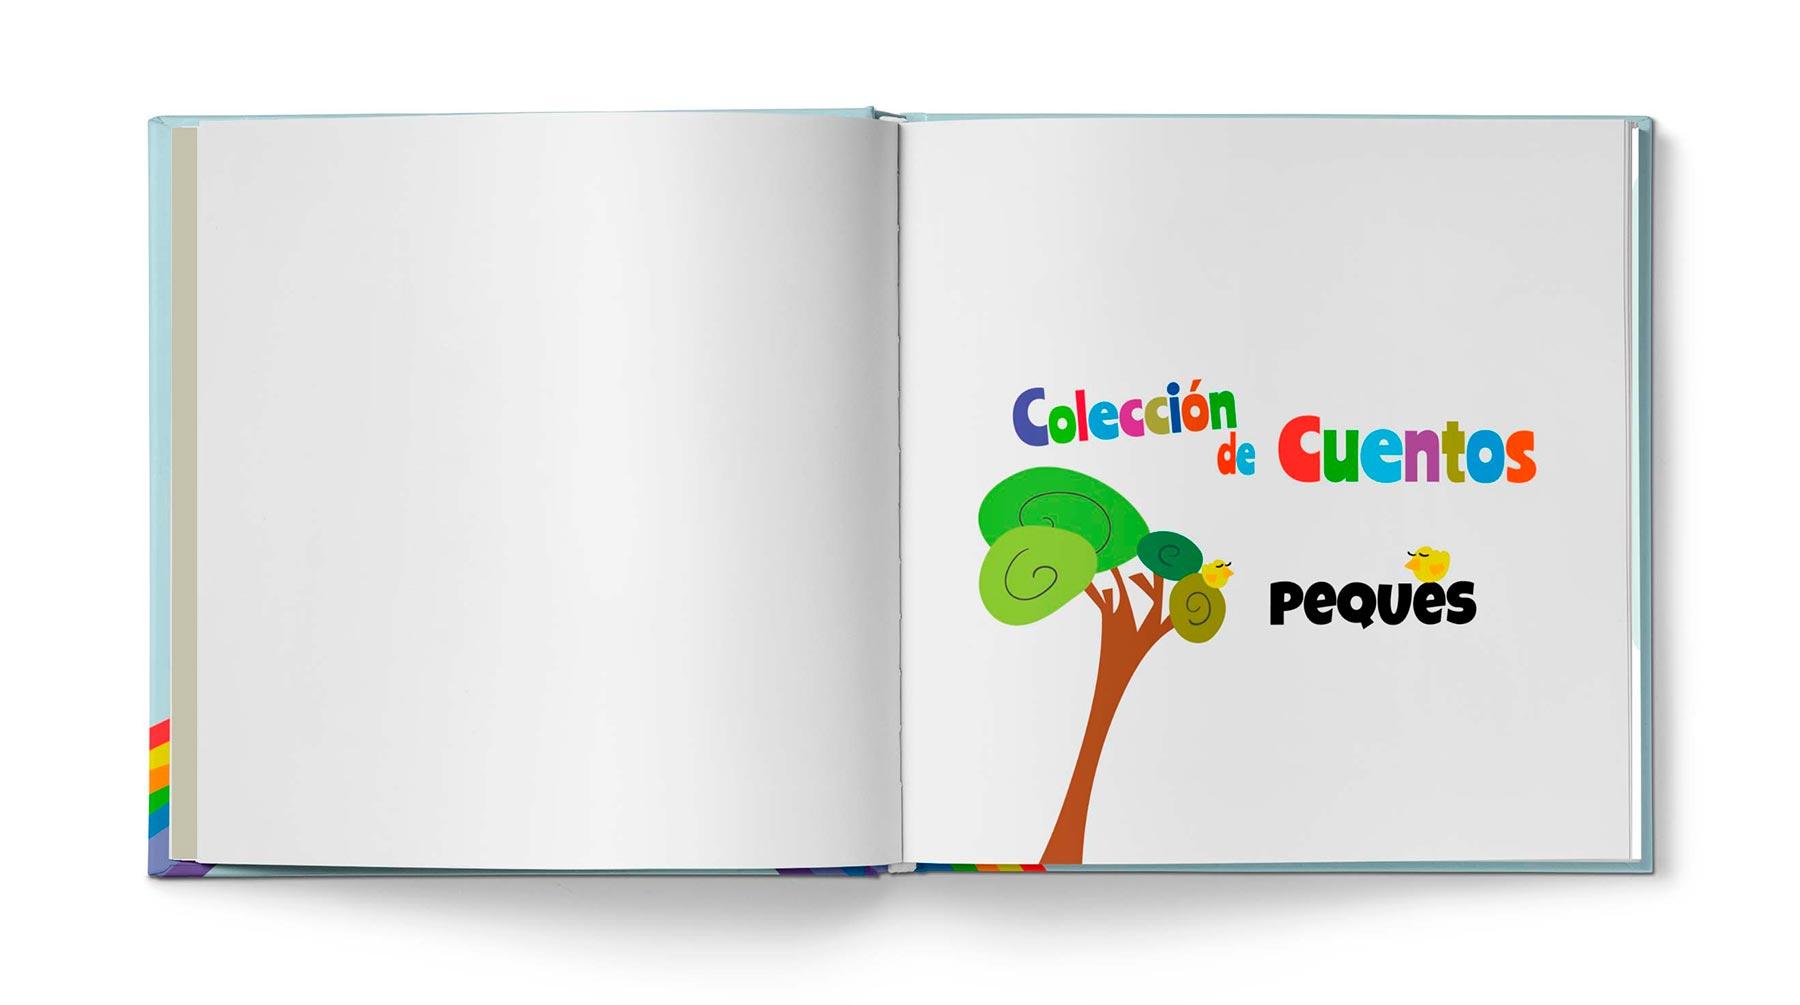 Cuento Colección peques - Imagen 1